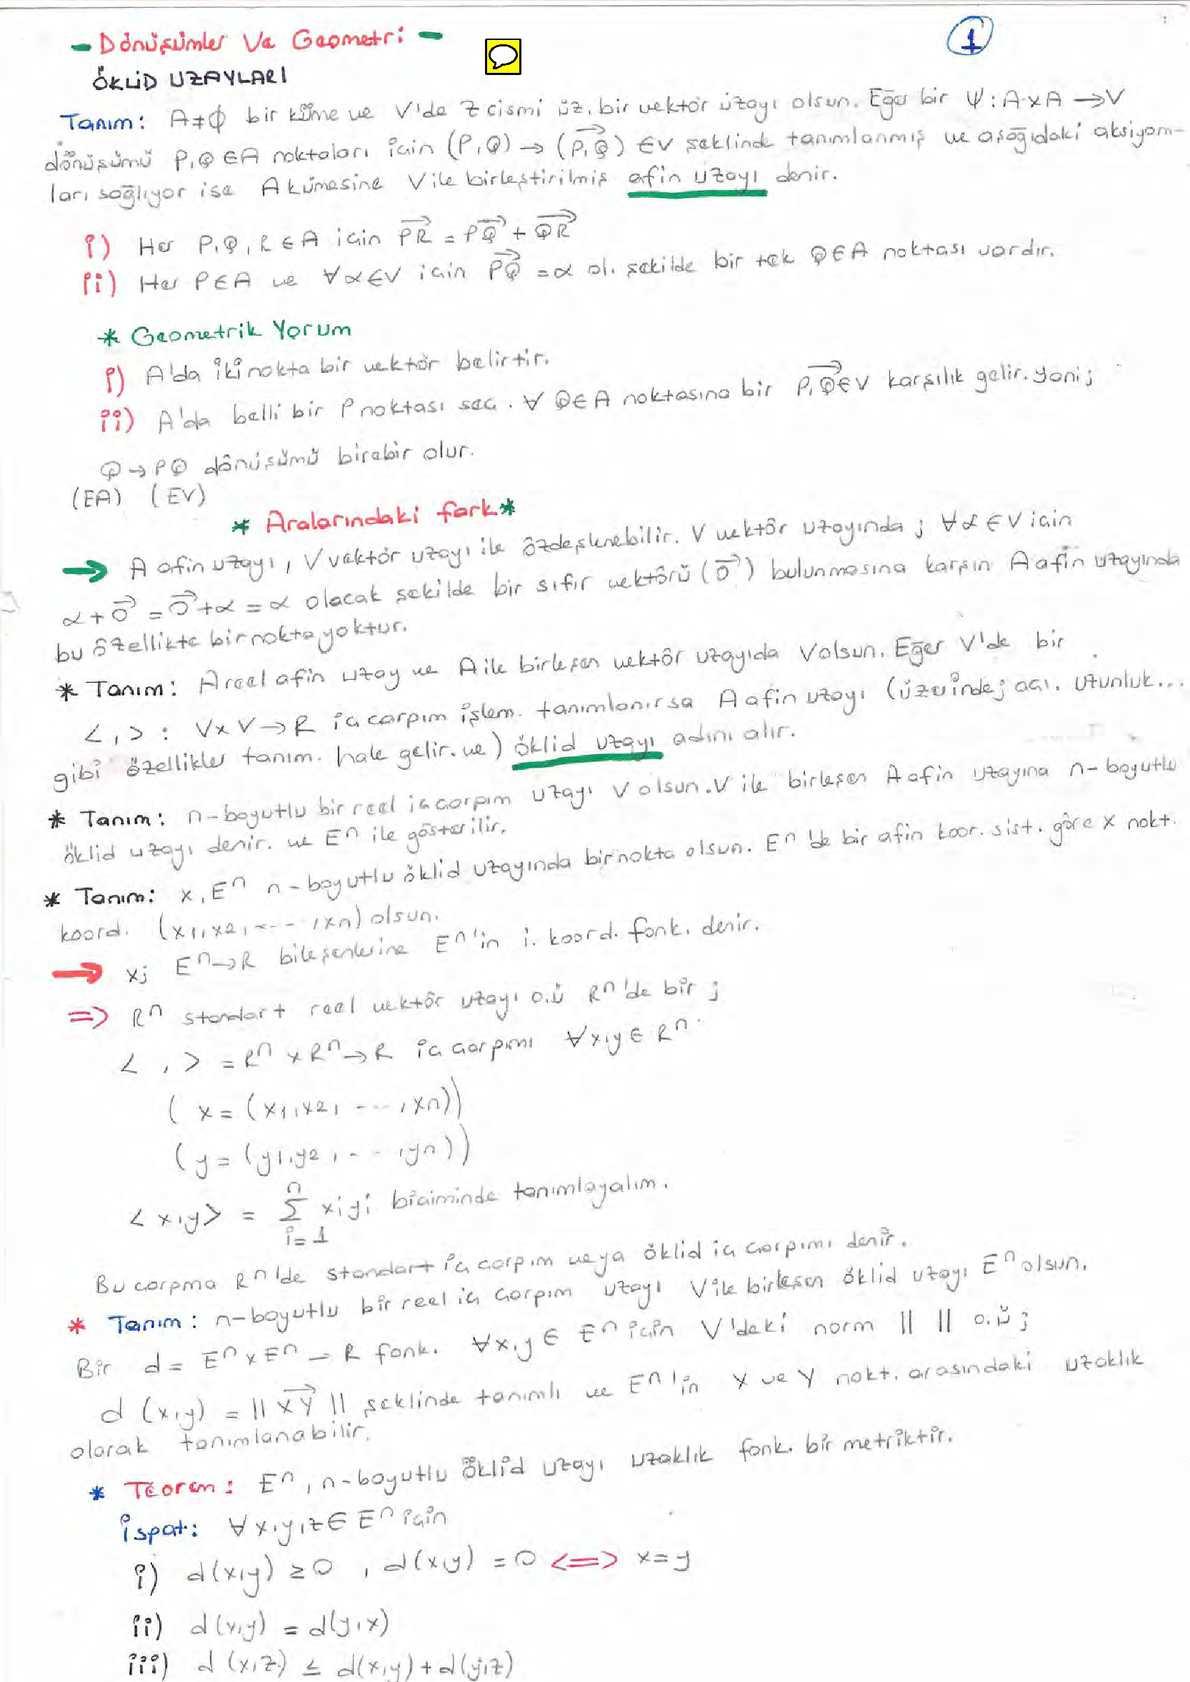 Dönüşümler Ve Geometri Ders Notu (2013-2014 Güz Dönemi))